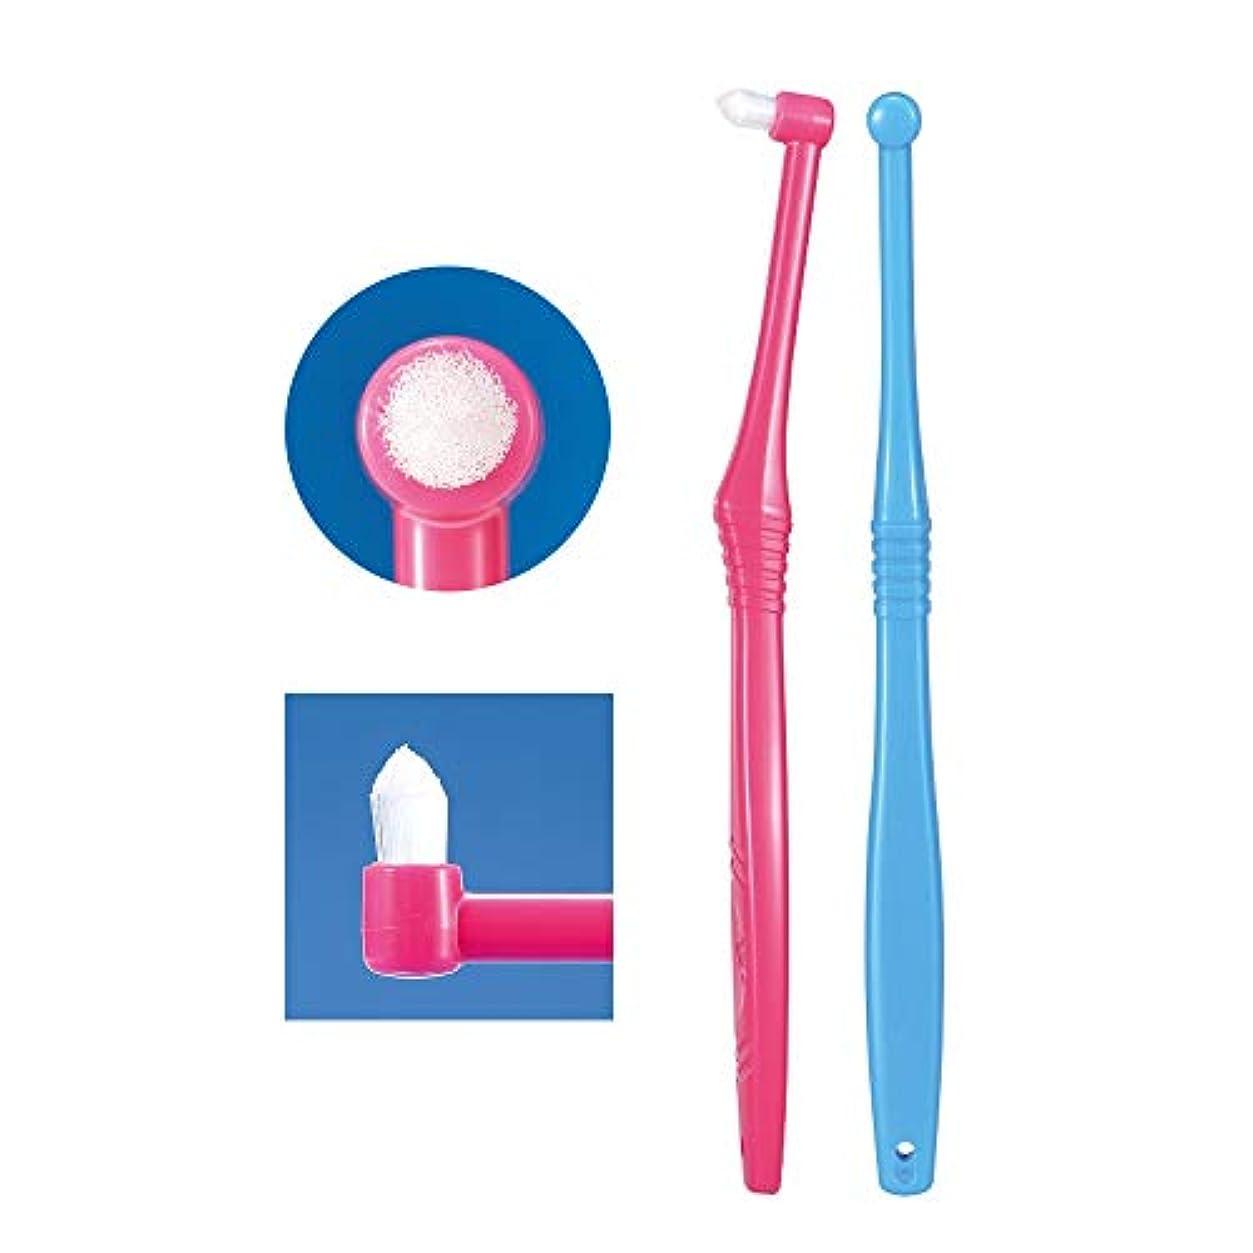 解体する洗練されたマナーCi PROワンタフト 1本 ラージヘッド M(ふつう) ポイント磨き 歯科専売品